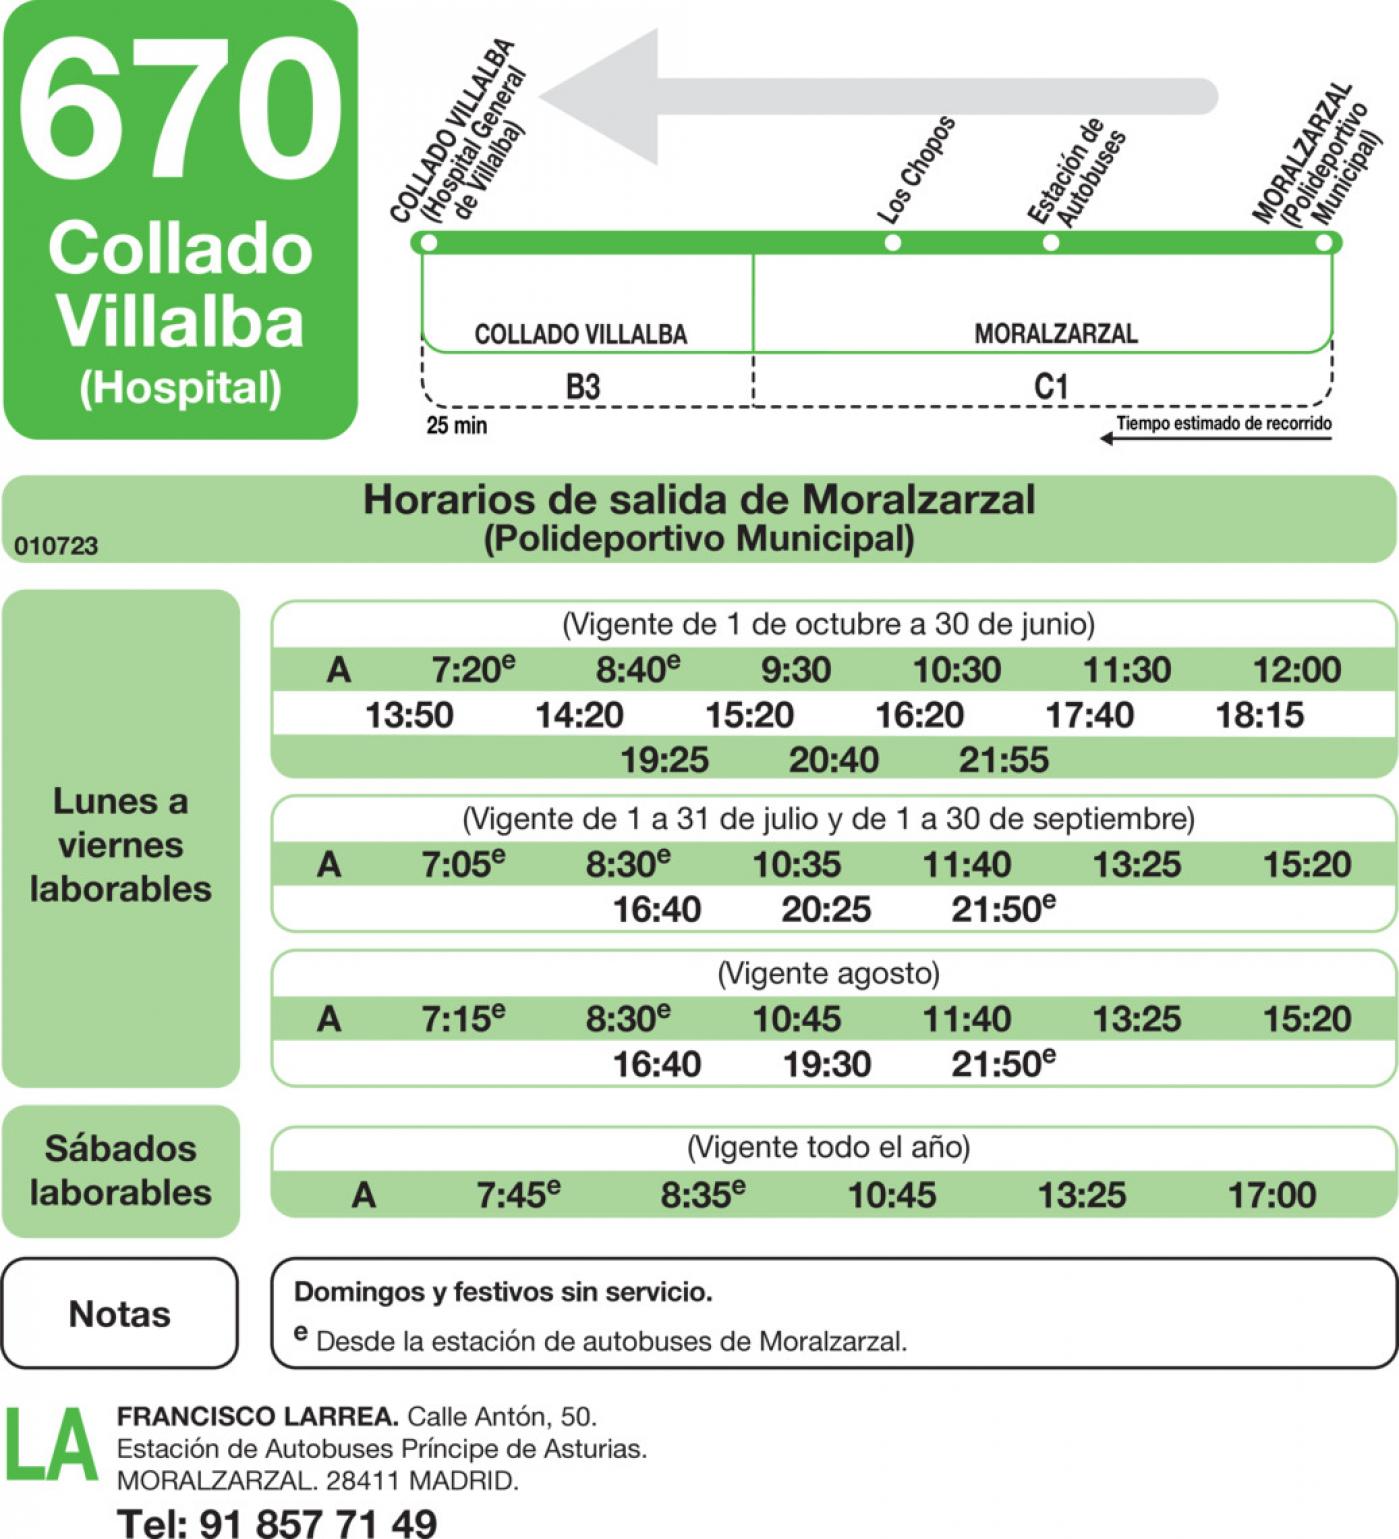 Tabla de horarios y frecuencias de paso en sentido vuelta Línea 670: Collado Villalba (Hospital) - Moralzarzal